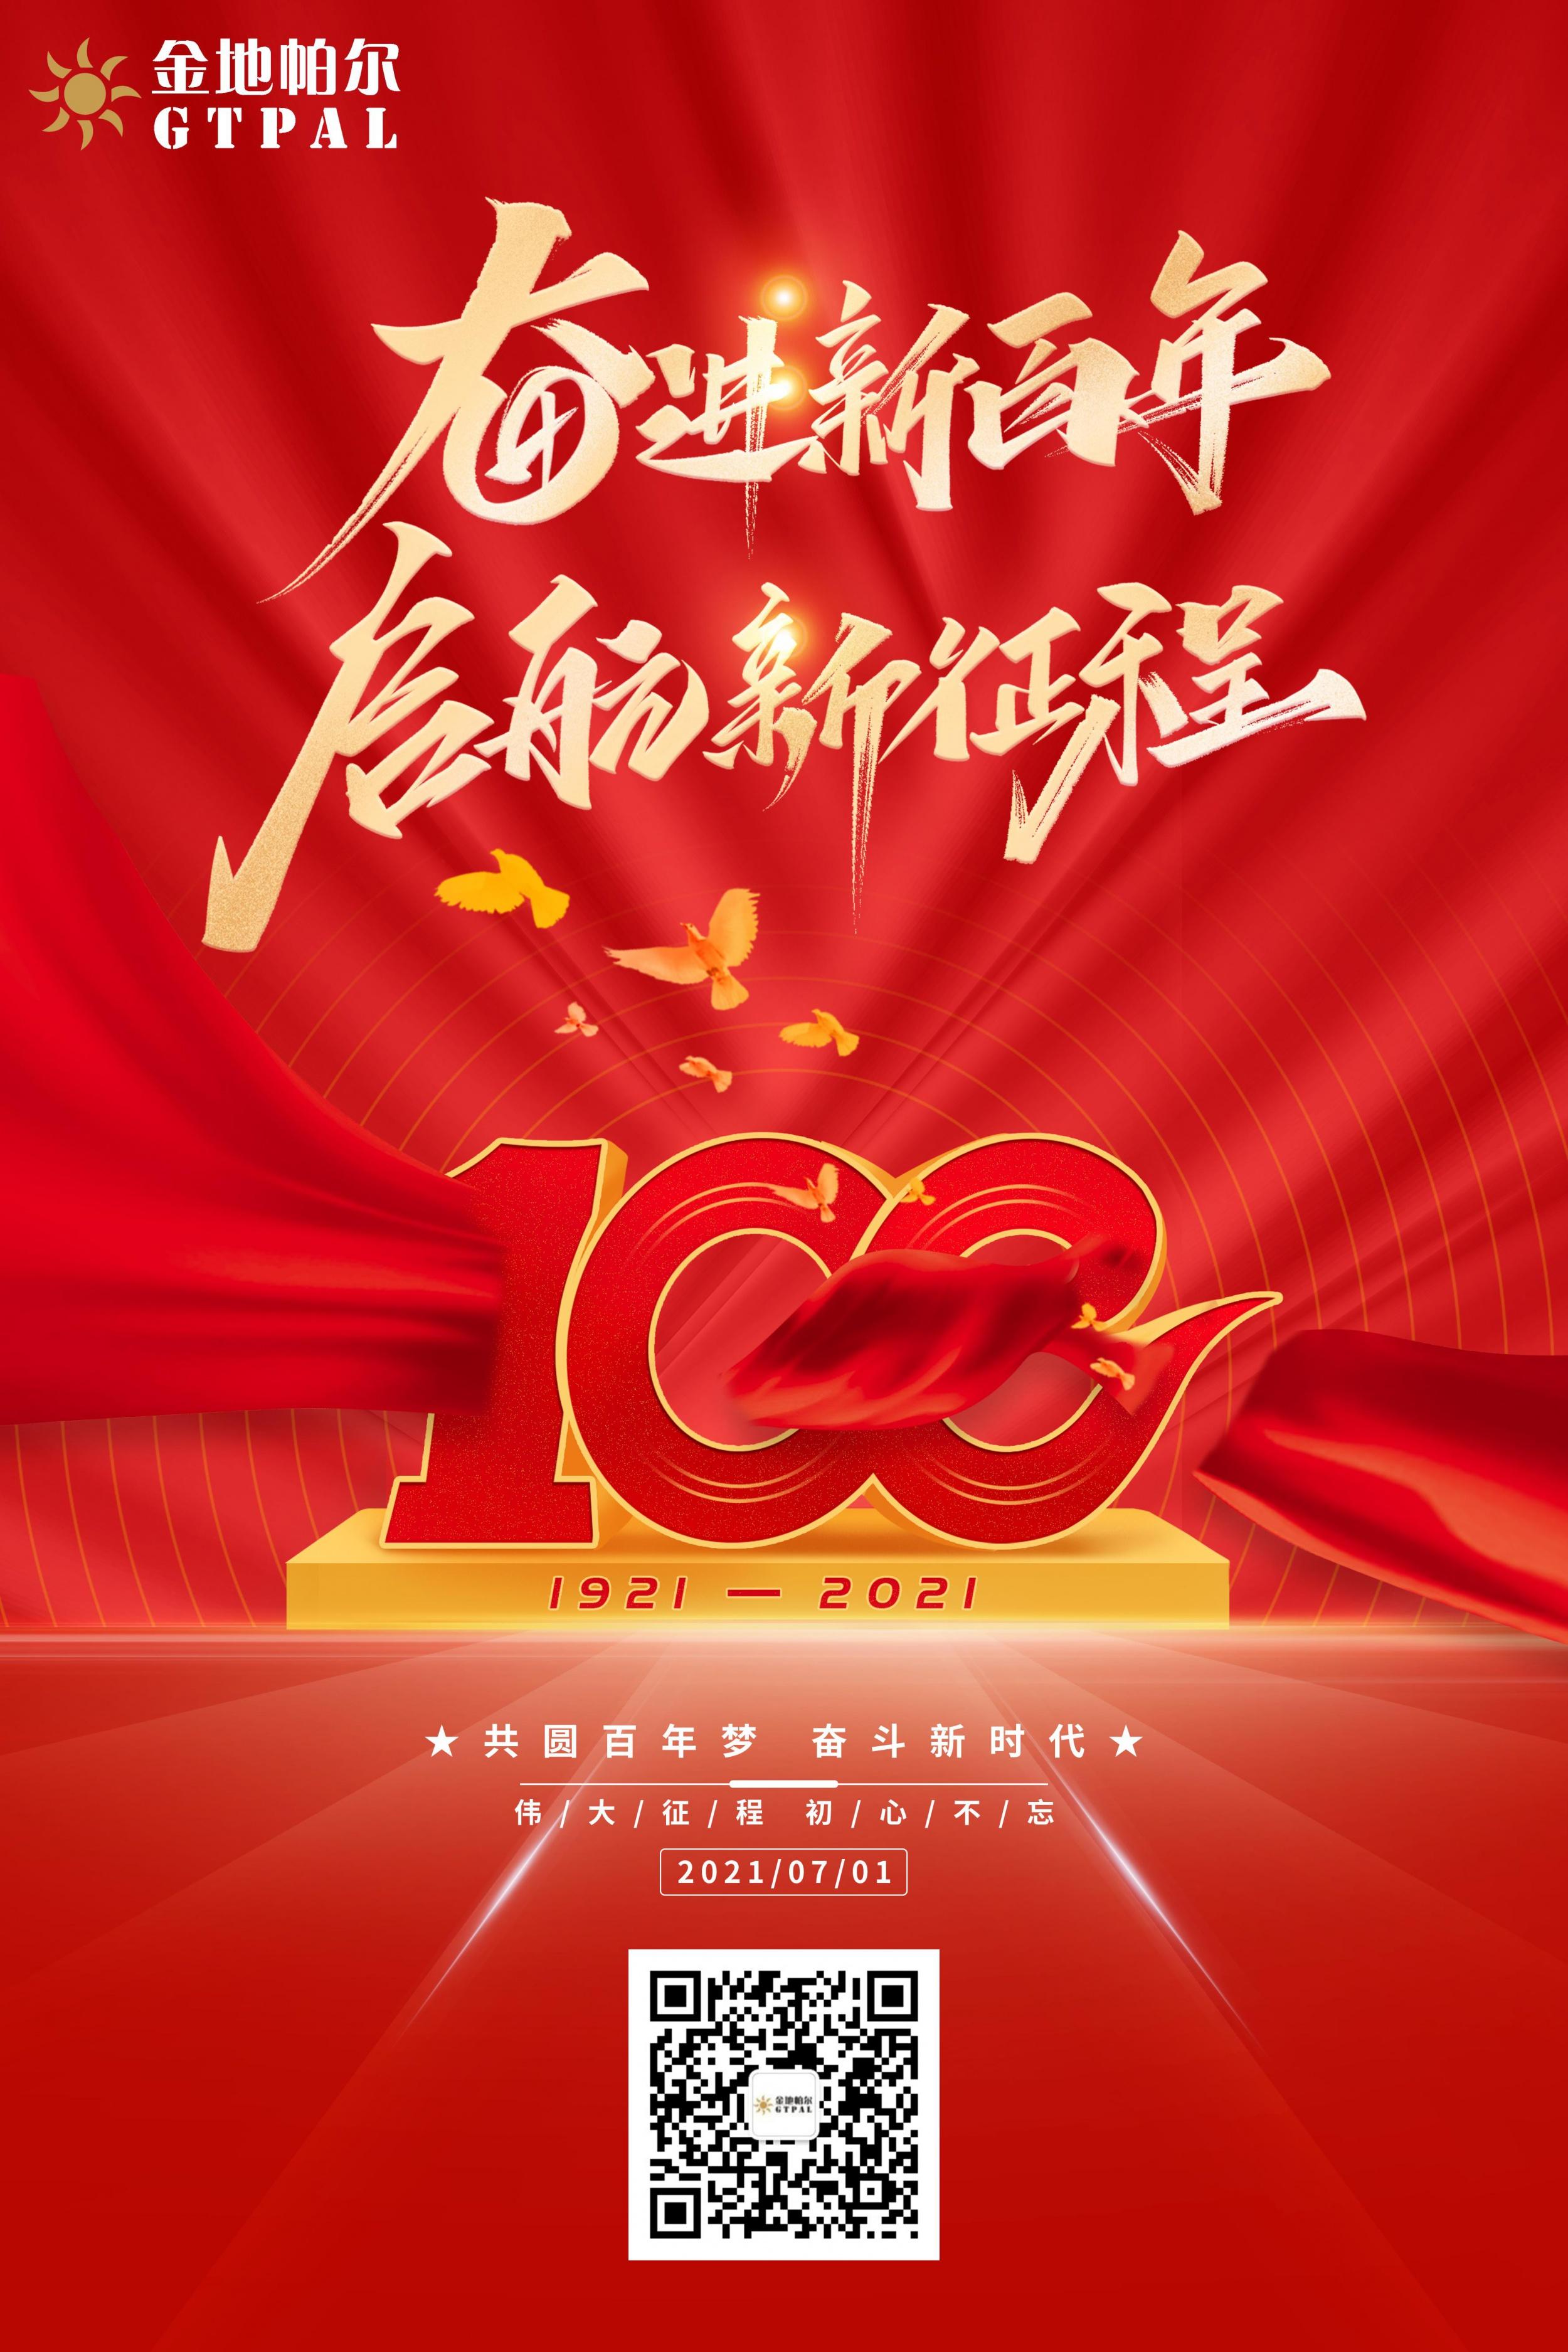 廣州粵宇新能源科技股份有限公司支部委員會熱烈慶祝中國共產黨成立100周年